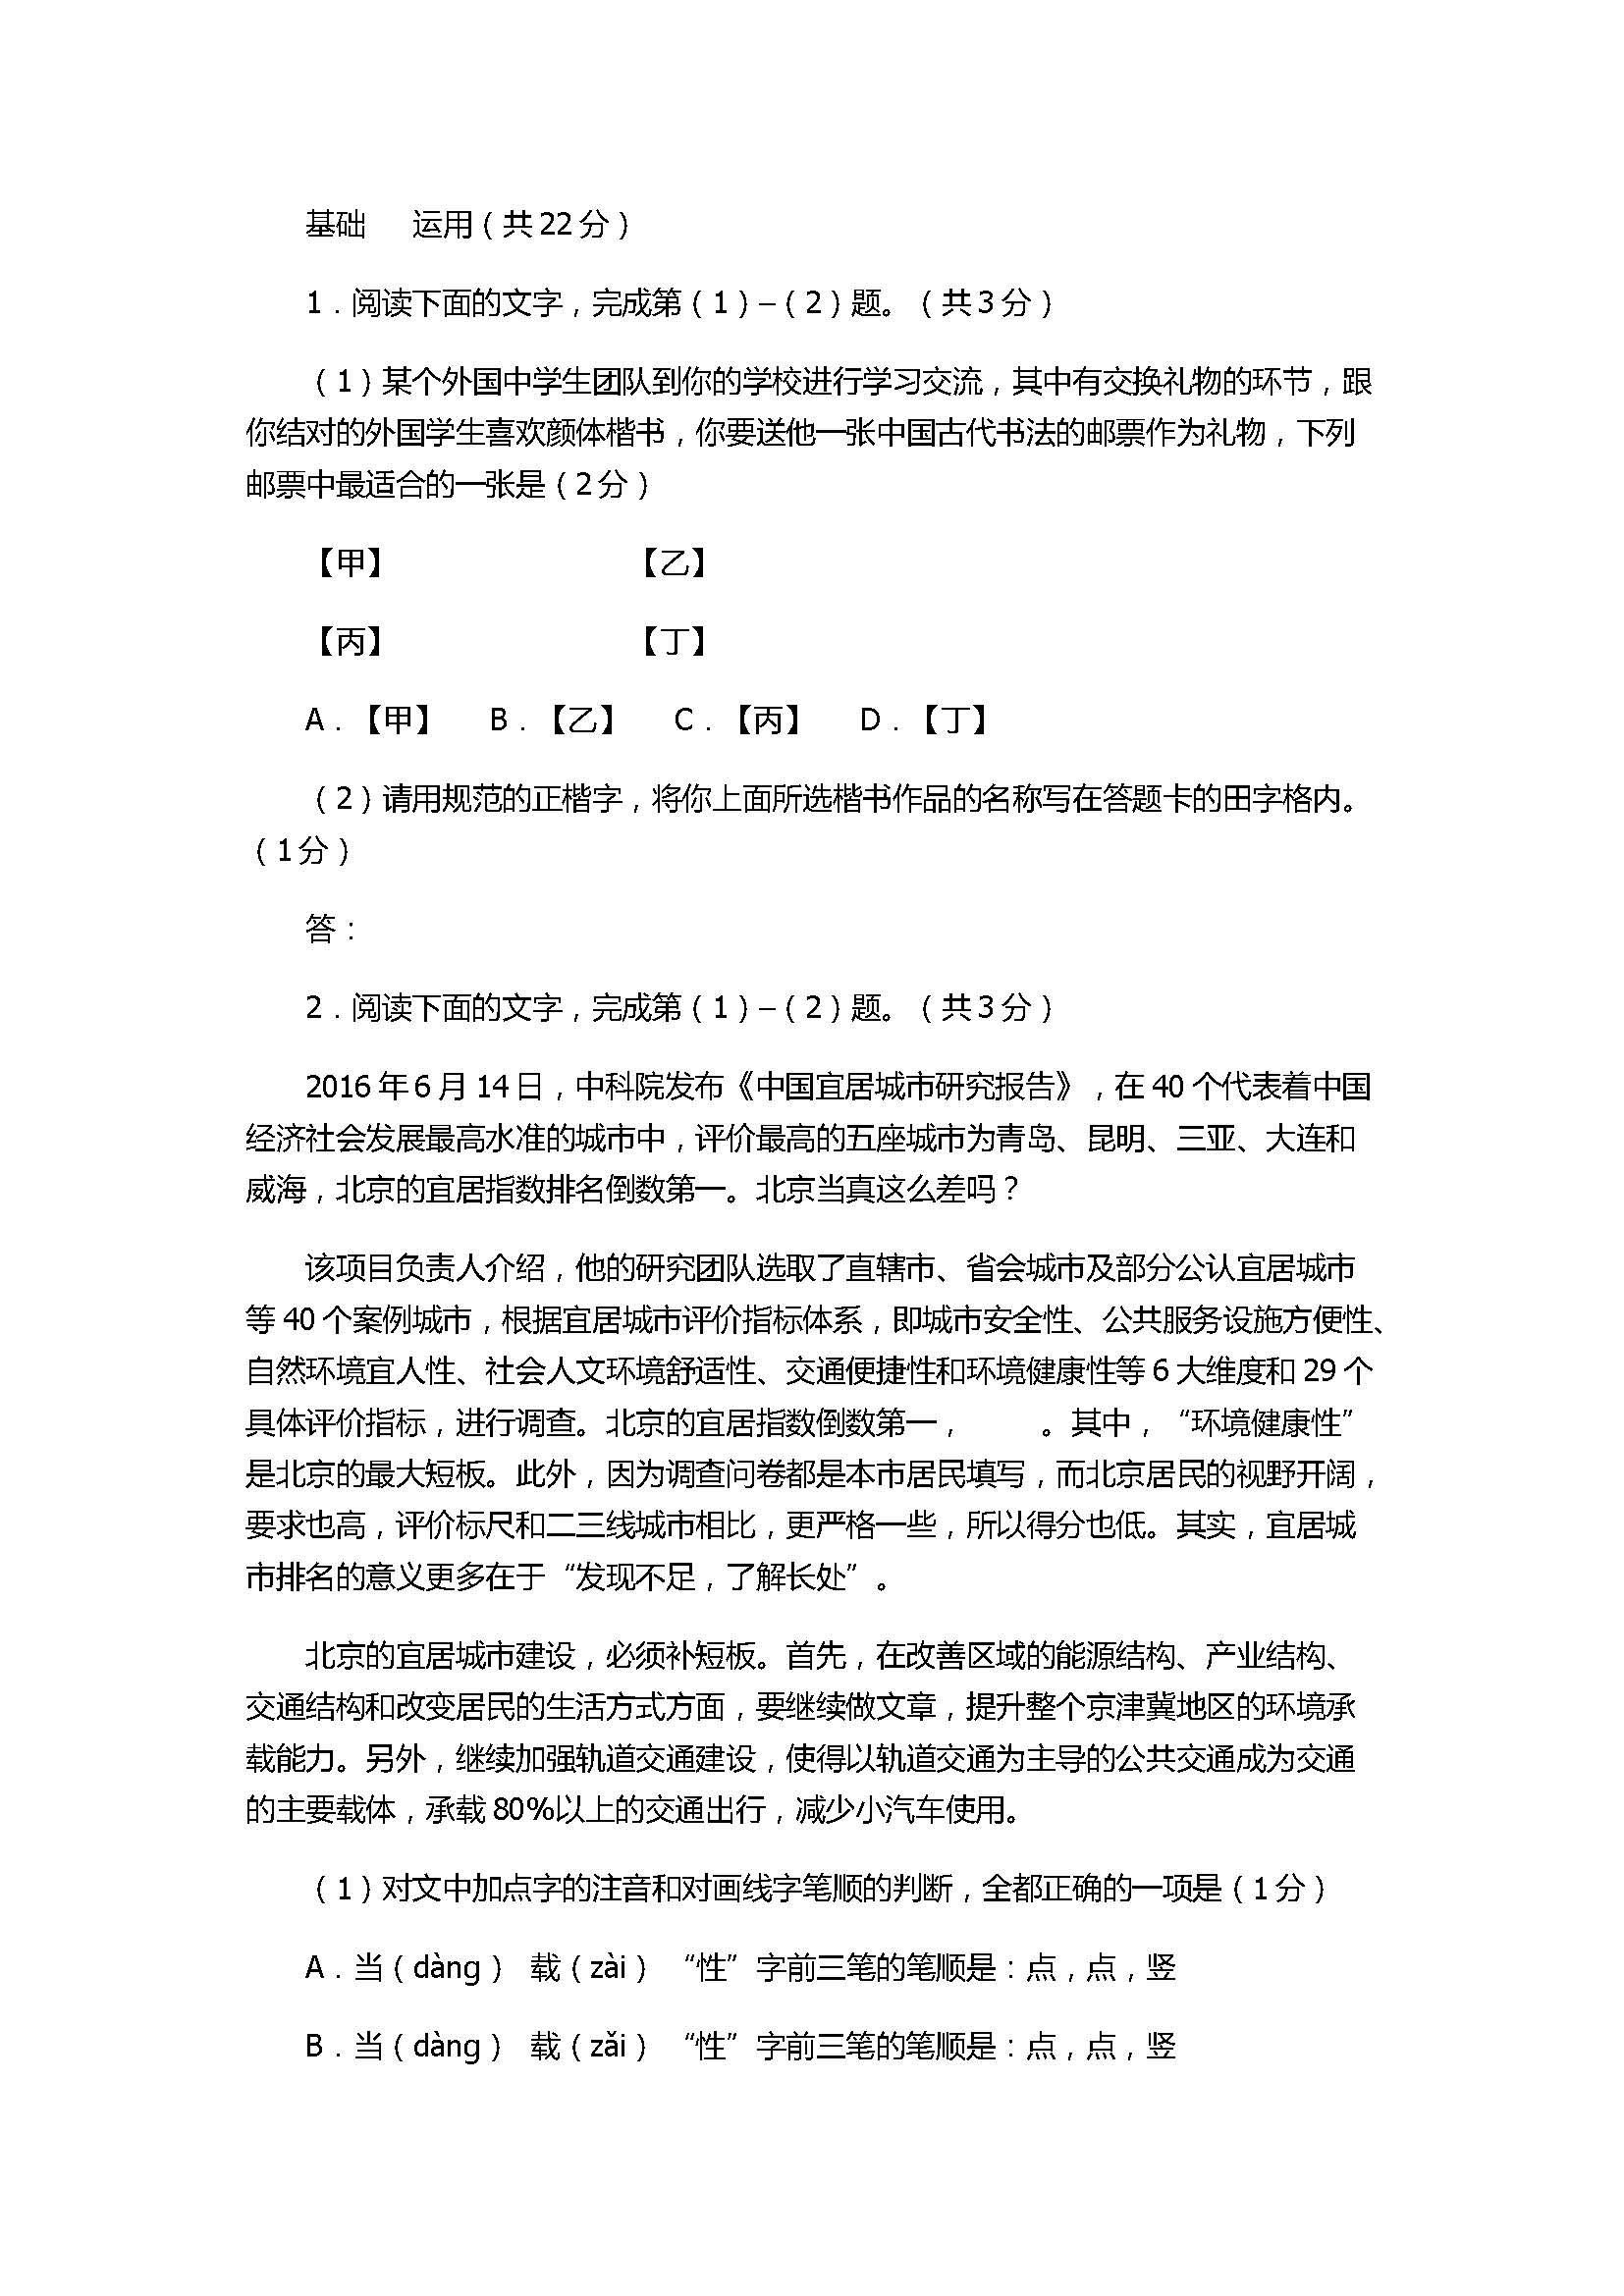 2017七年级语文期末试题附参考答案(北京石景山区)